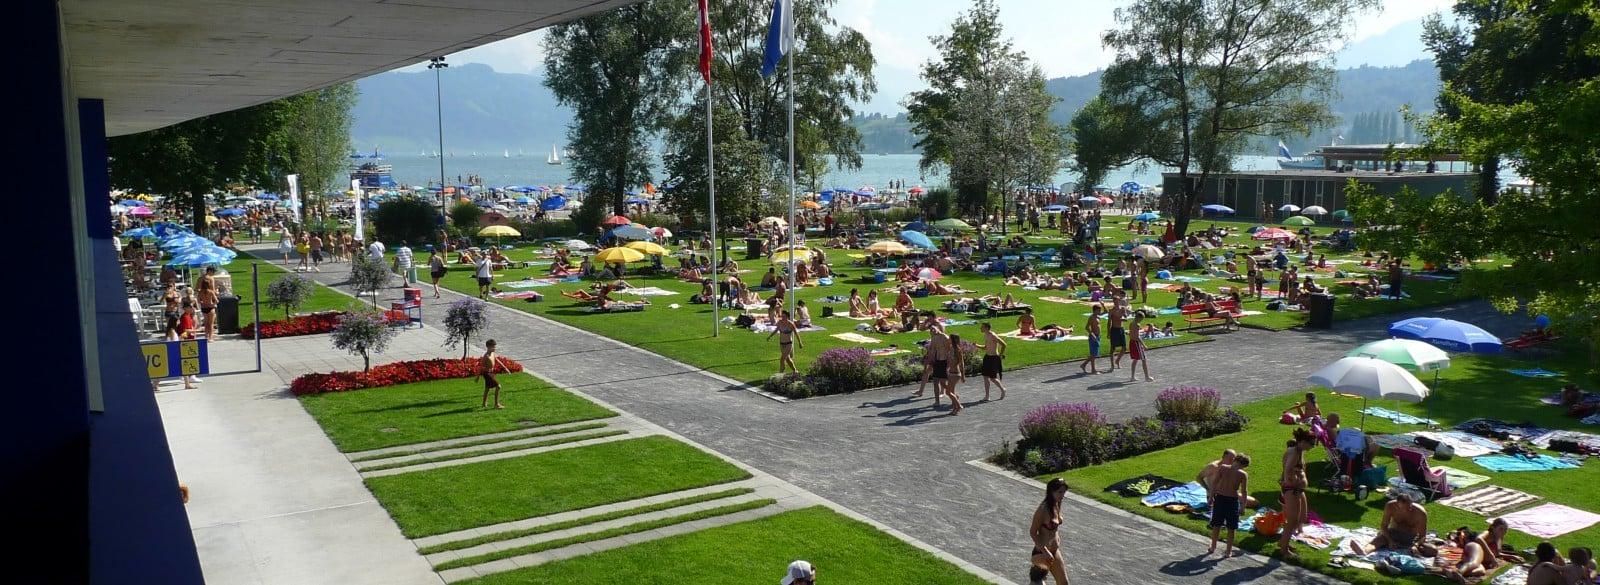 Gewusst? Als einziges Strandbad hat das Lido einen beheizten Pool mit 24° Wassertemperatur.